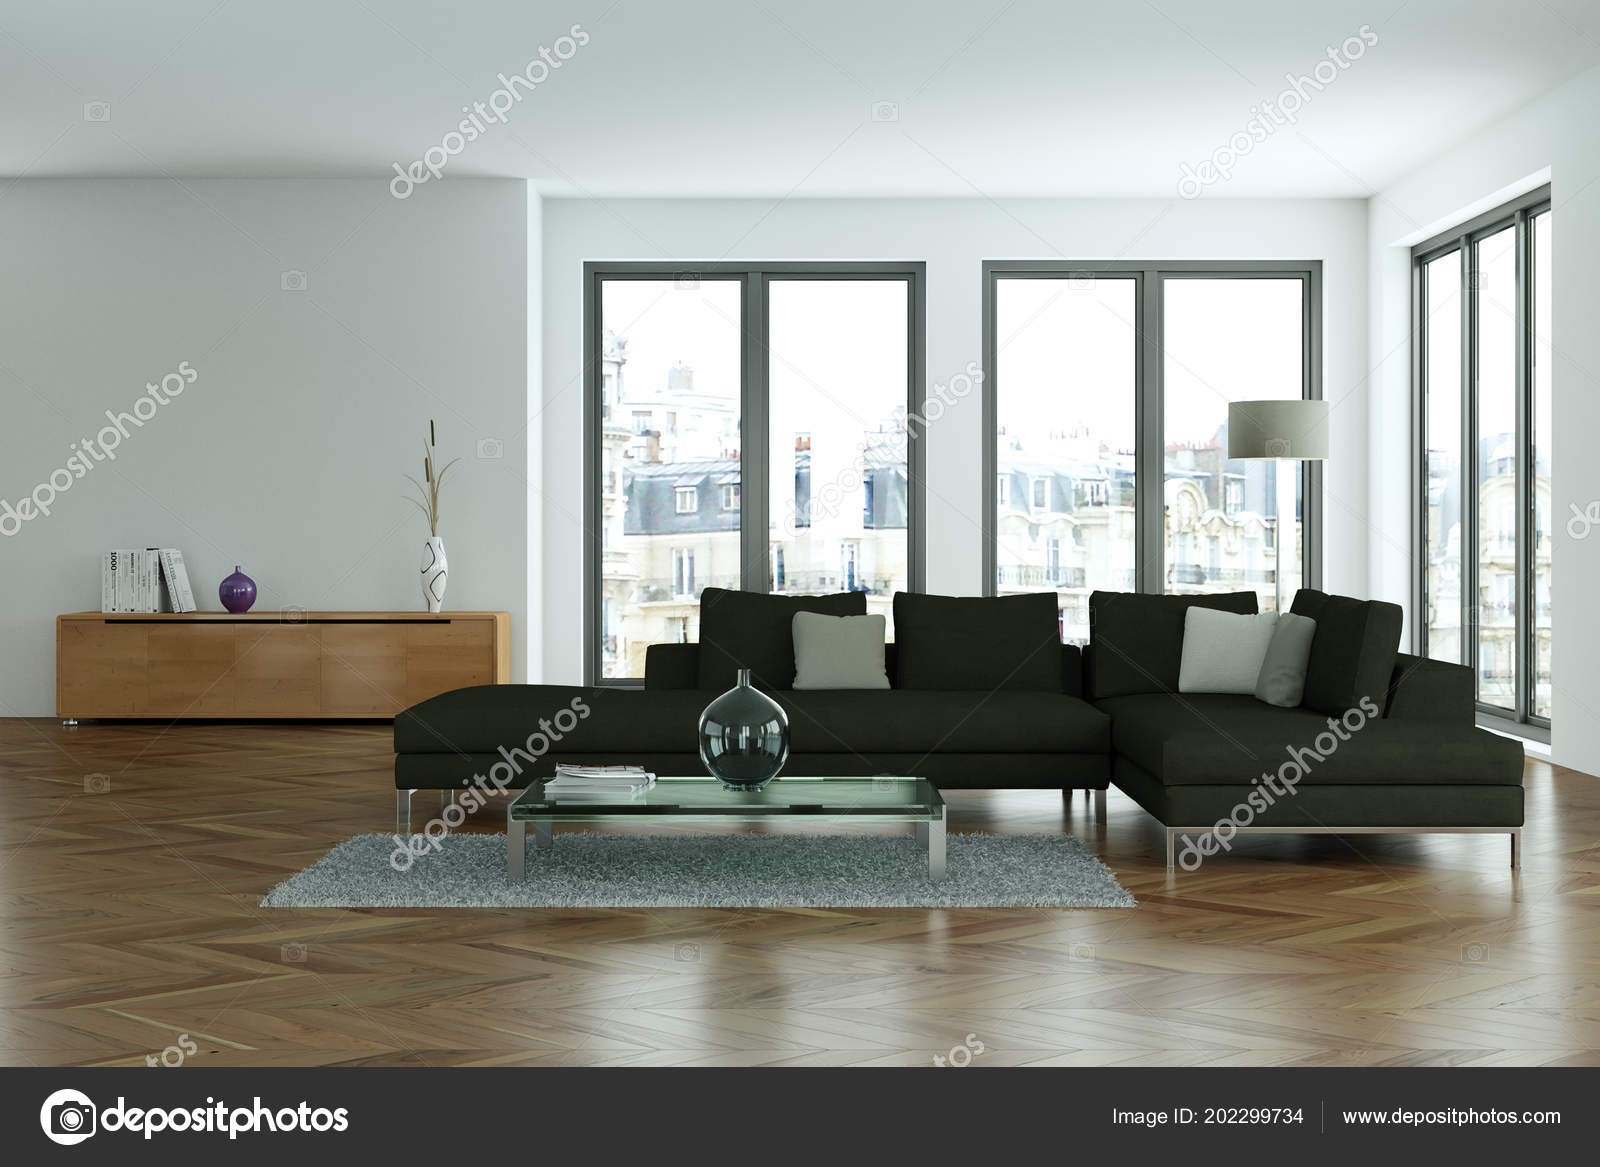 Moderne wohnzimmer interieurdesign mit betonmauer u stockfoto